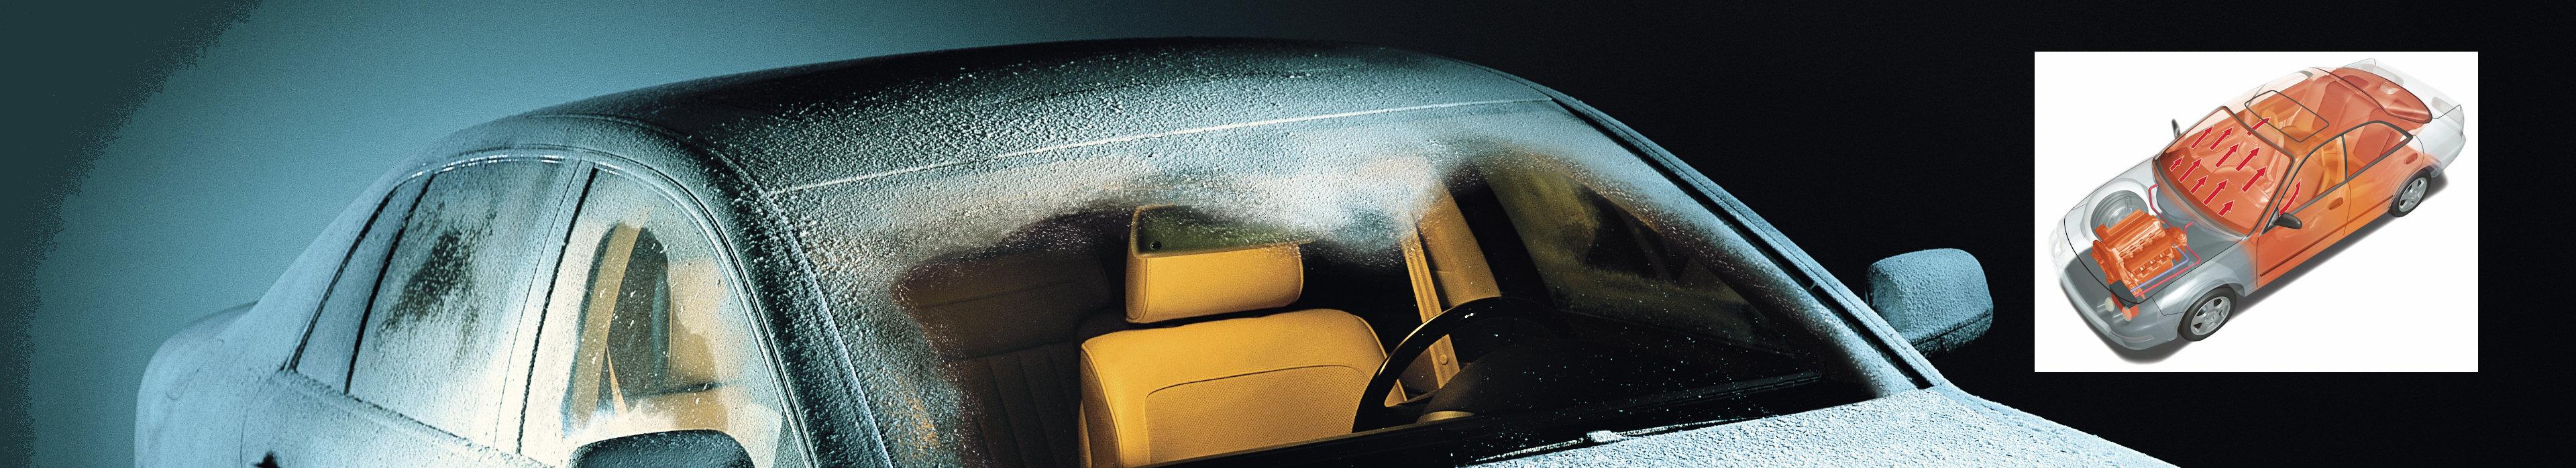 Webasto parkeerverwarmer of waterverwarmer voor uw auto inbouwen